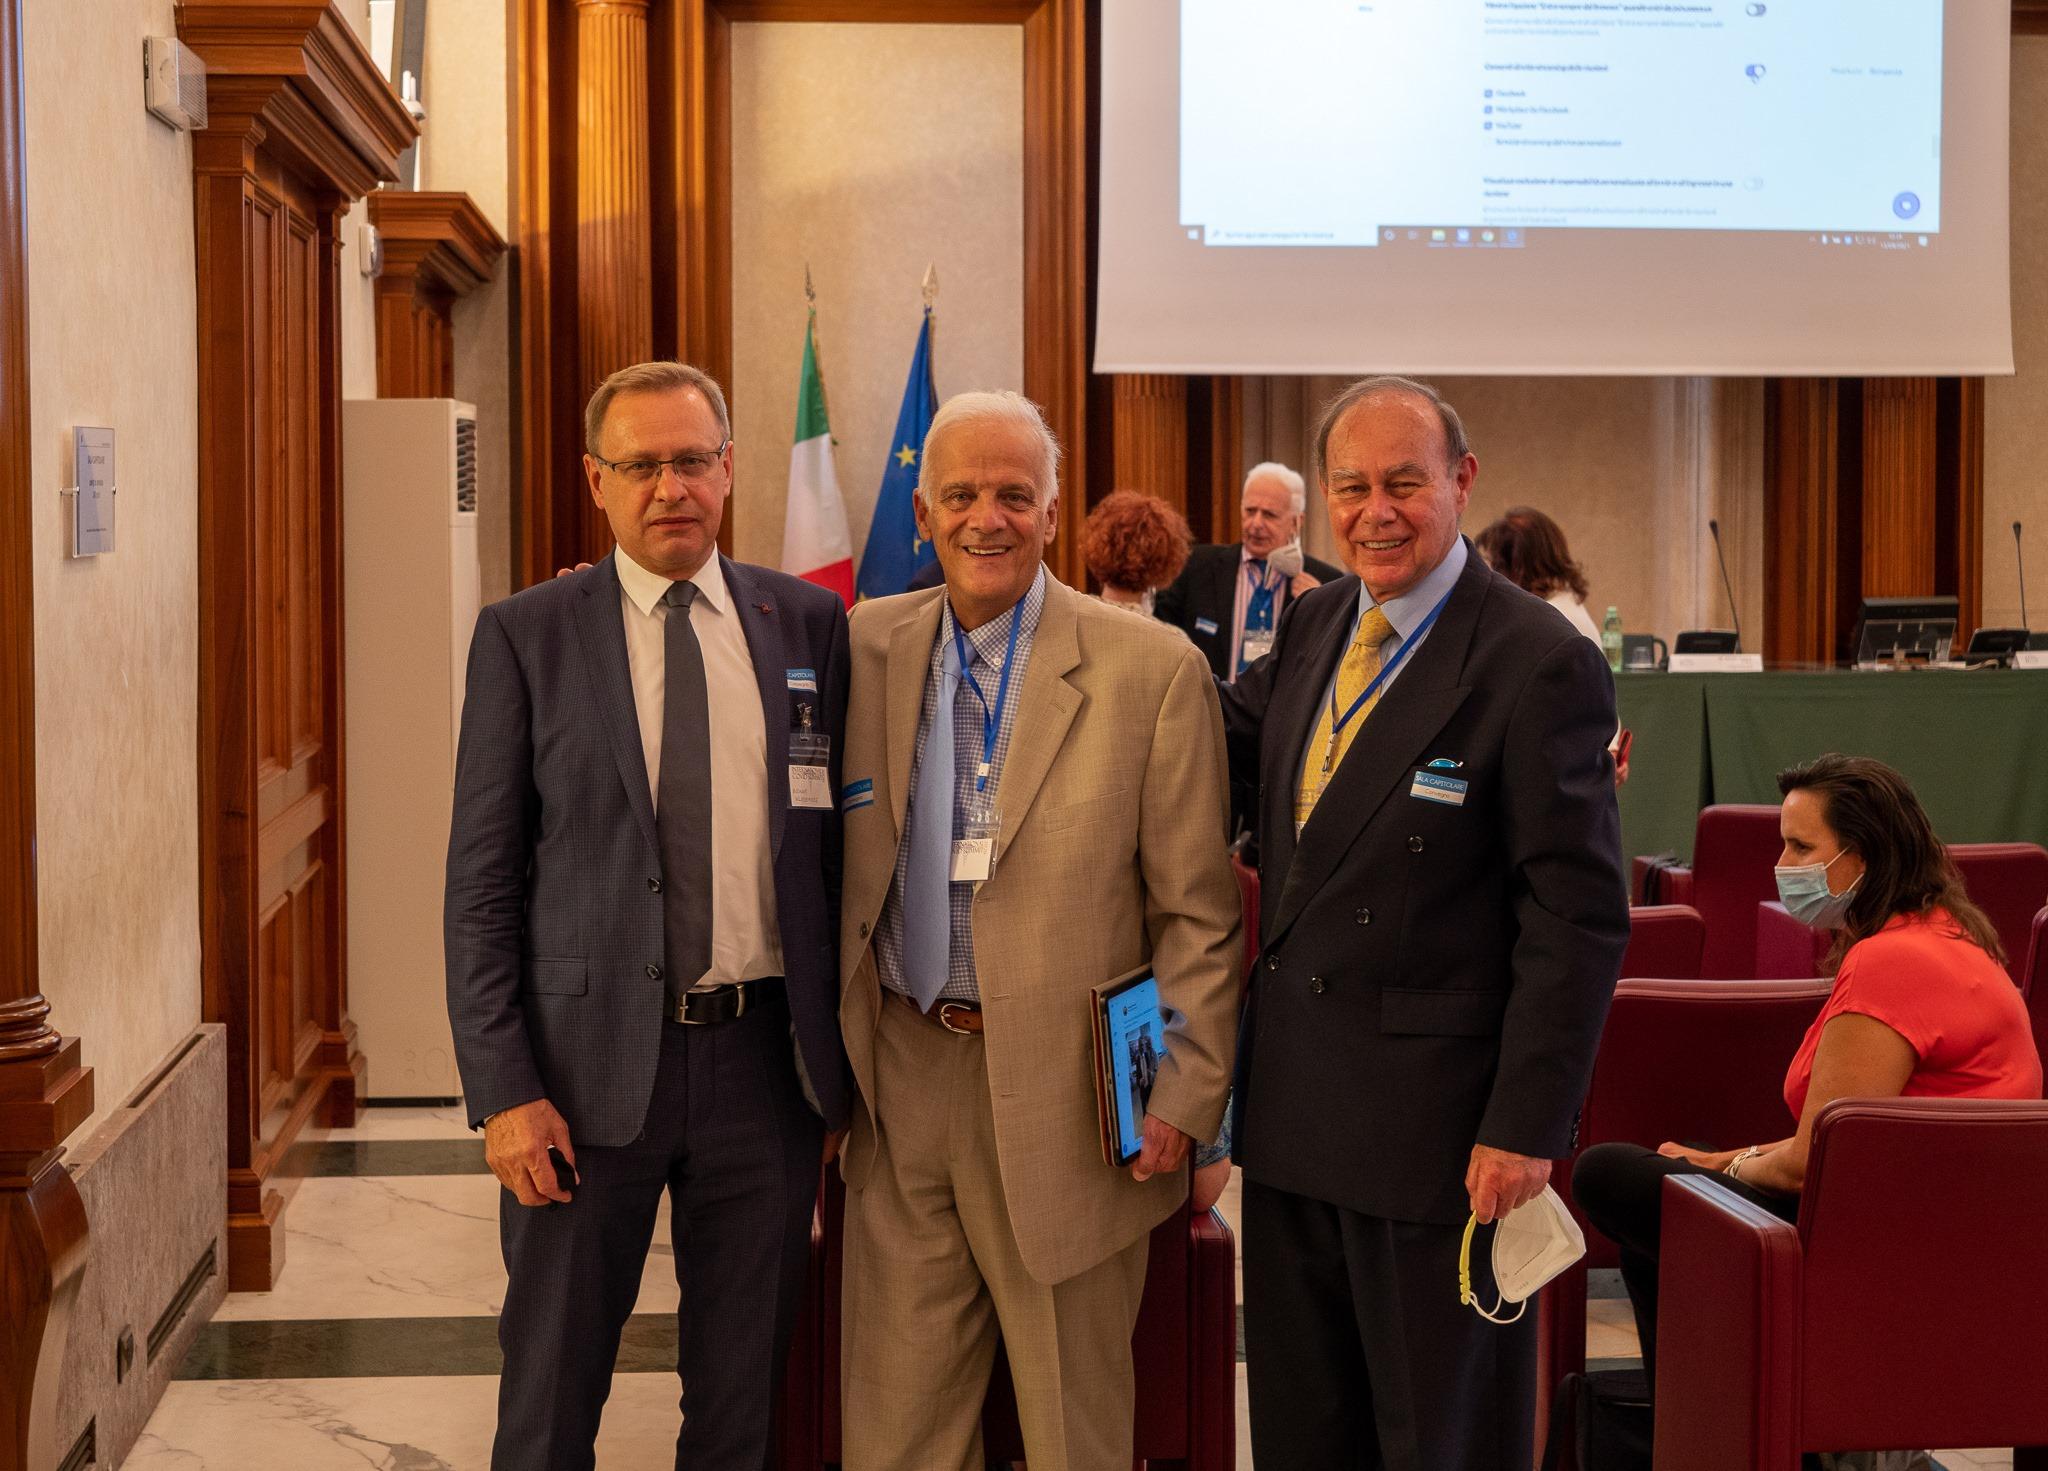 WŁODZIMIERZ BODNAR we włoskim Senacie zachwalał amantadynę [WIDEO, ZDJĘCIA] - Zdjęcie główne